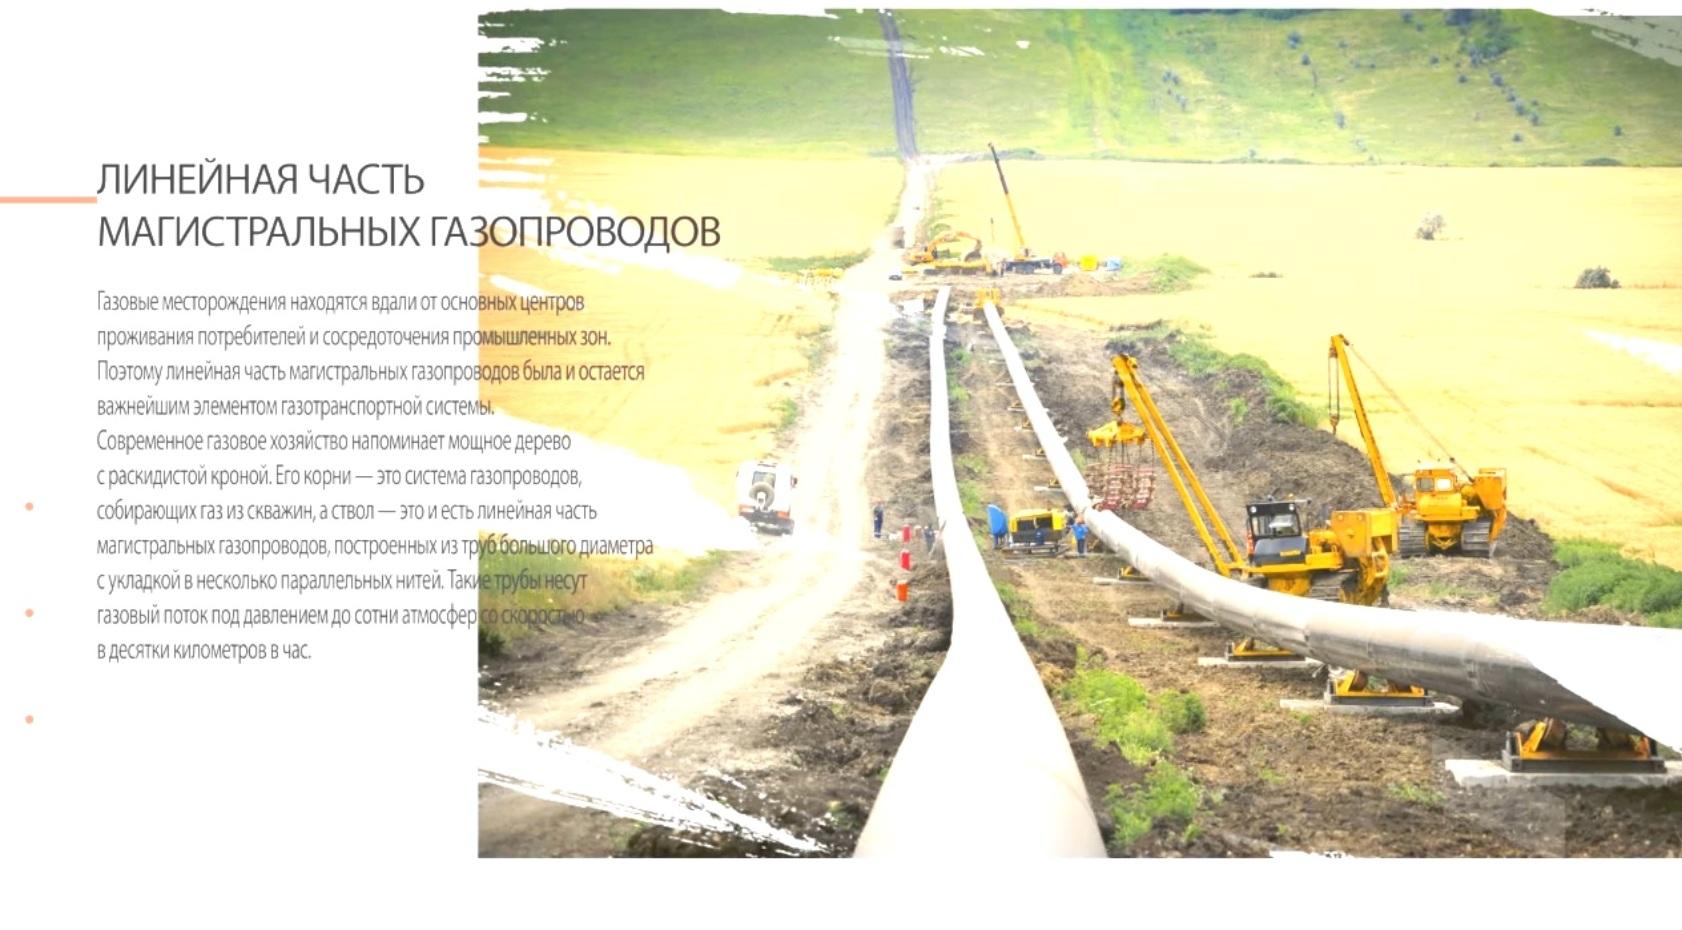 Прокладка газопровода: какой способ лучше выбрать?